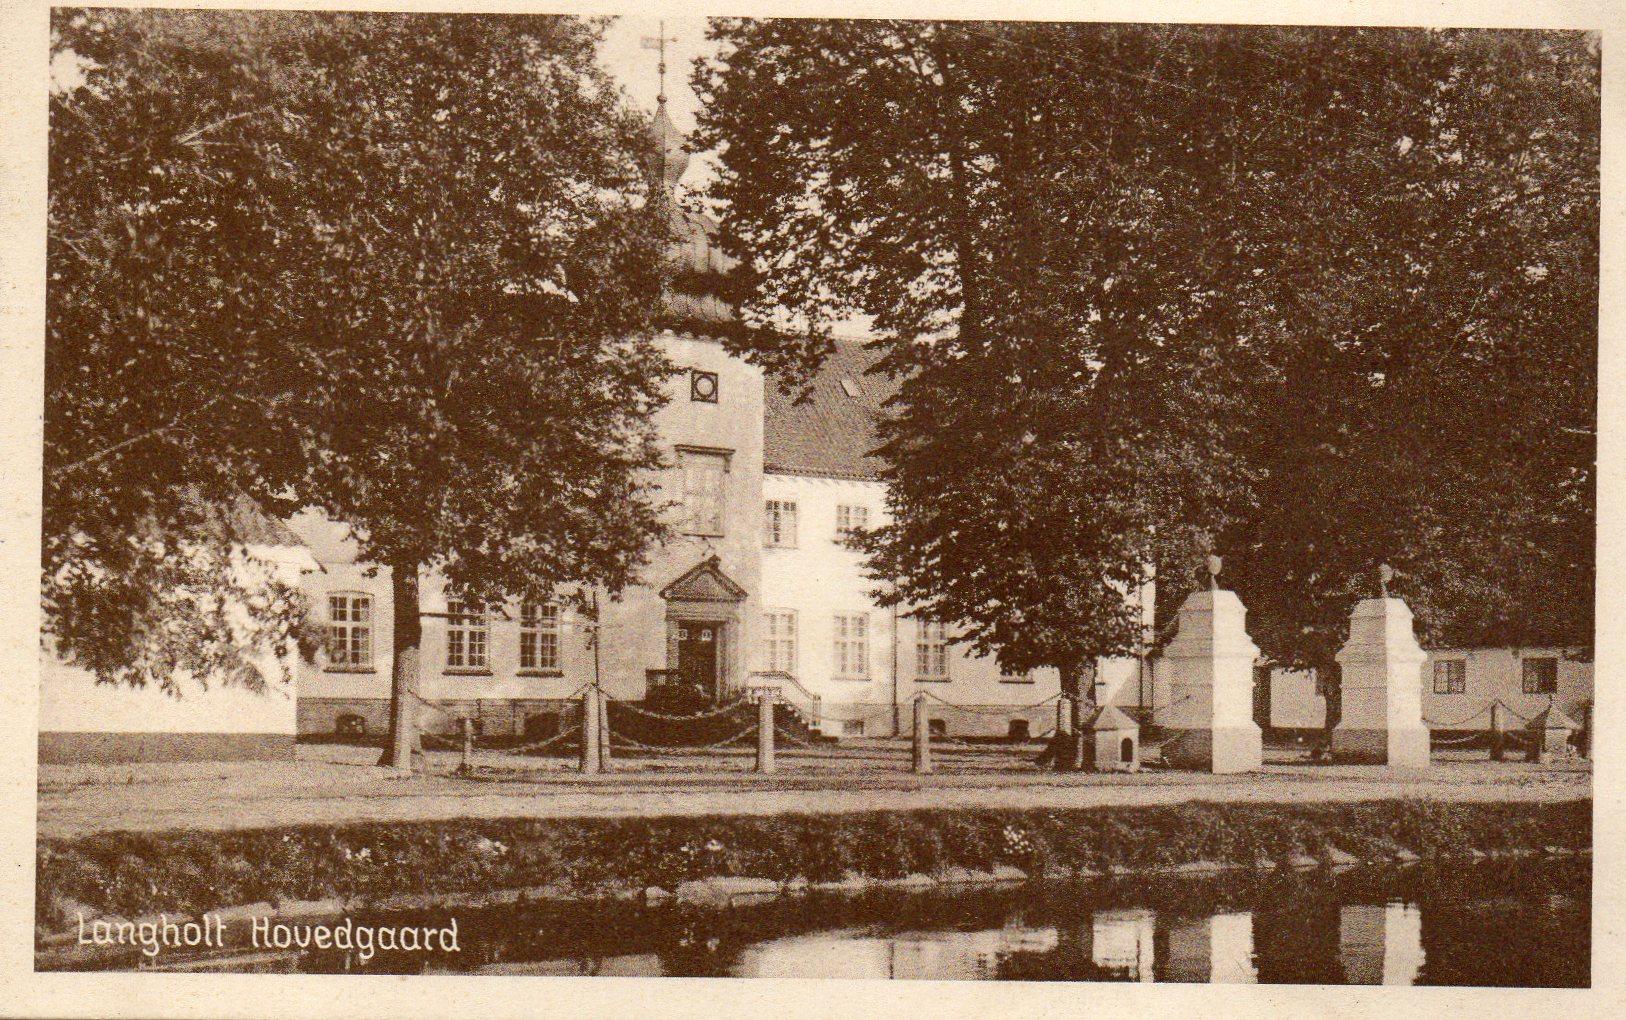 Langholt Hovedgaard